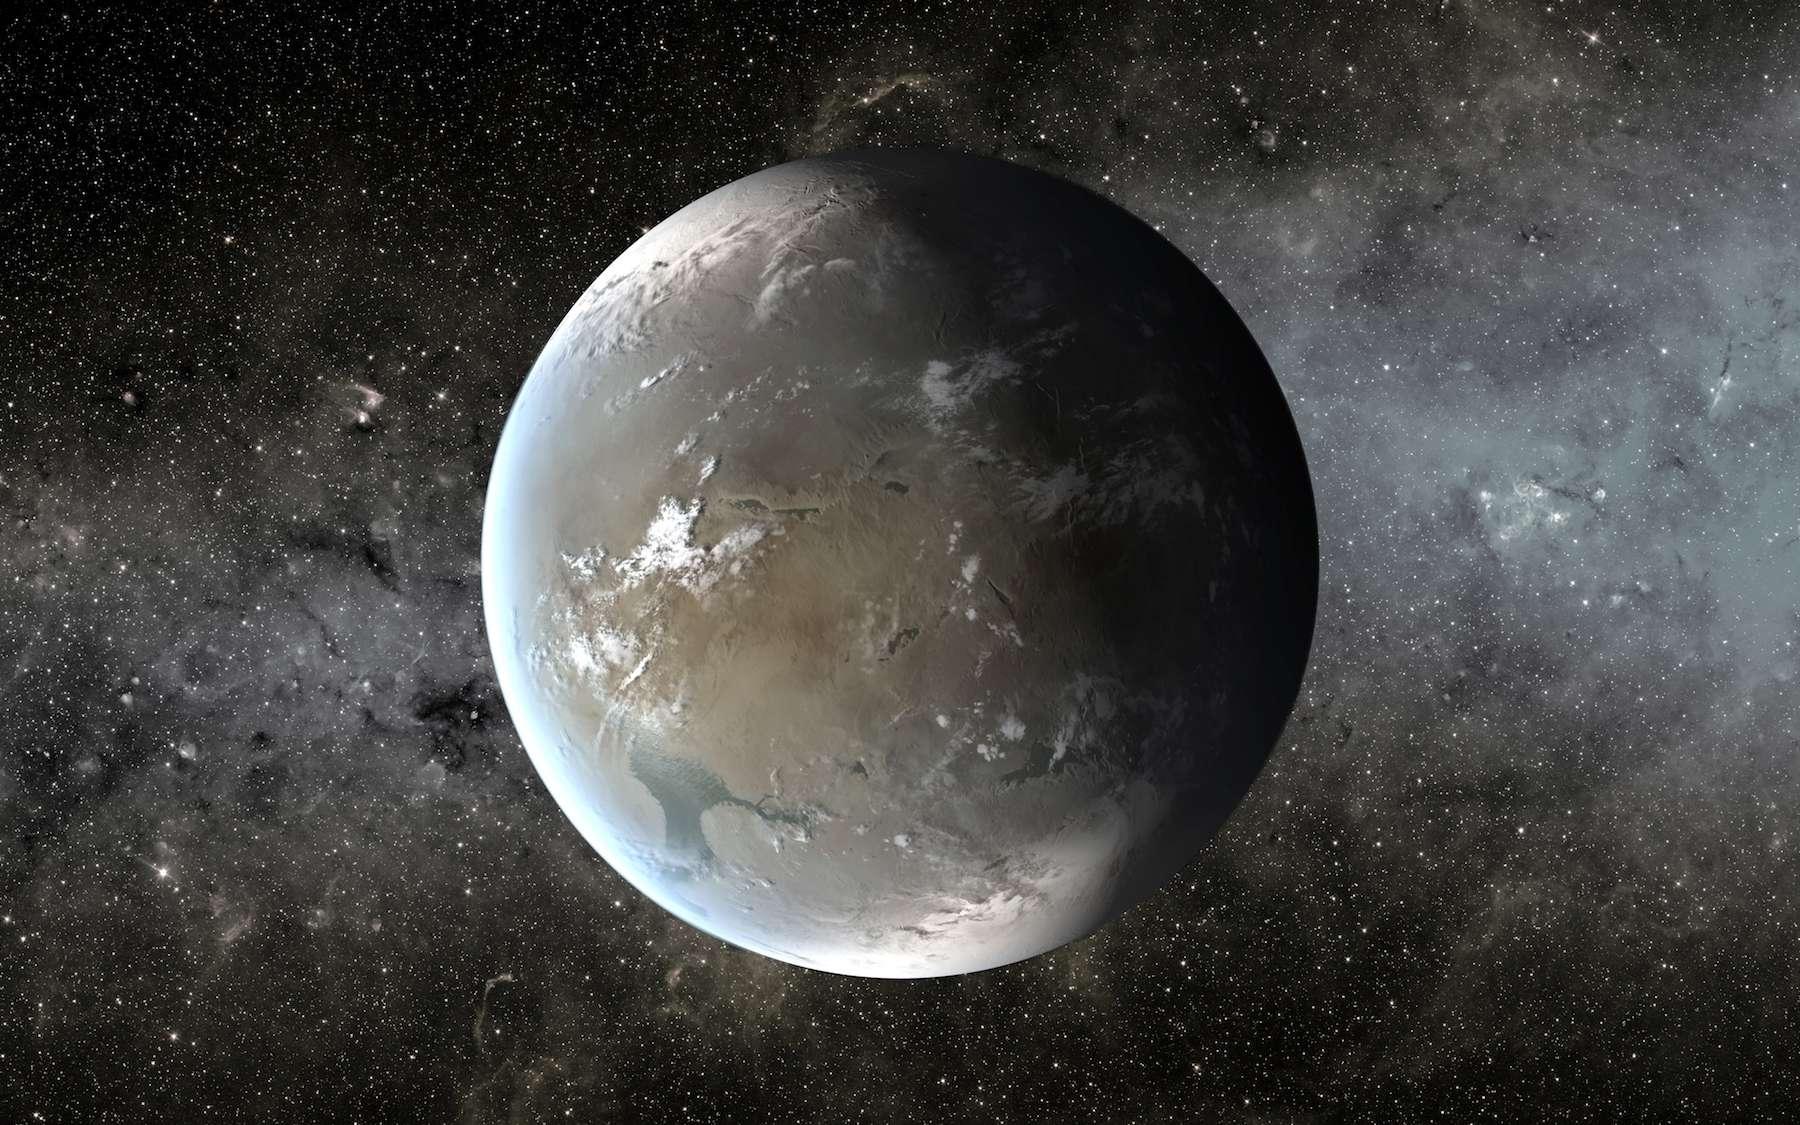 Illustration de Kepler-62f, une planète 1,4 fois plus grosse que la Terre, qui, sous certaines conditions, pourrait bien être habitable. © Nasa Ames, JPL-Caltech, T. Pyle